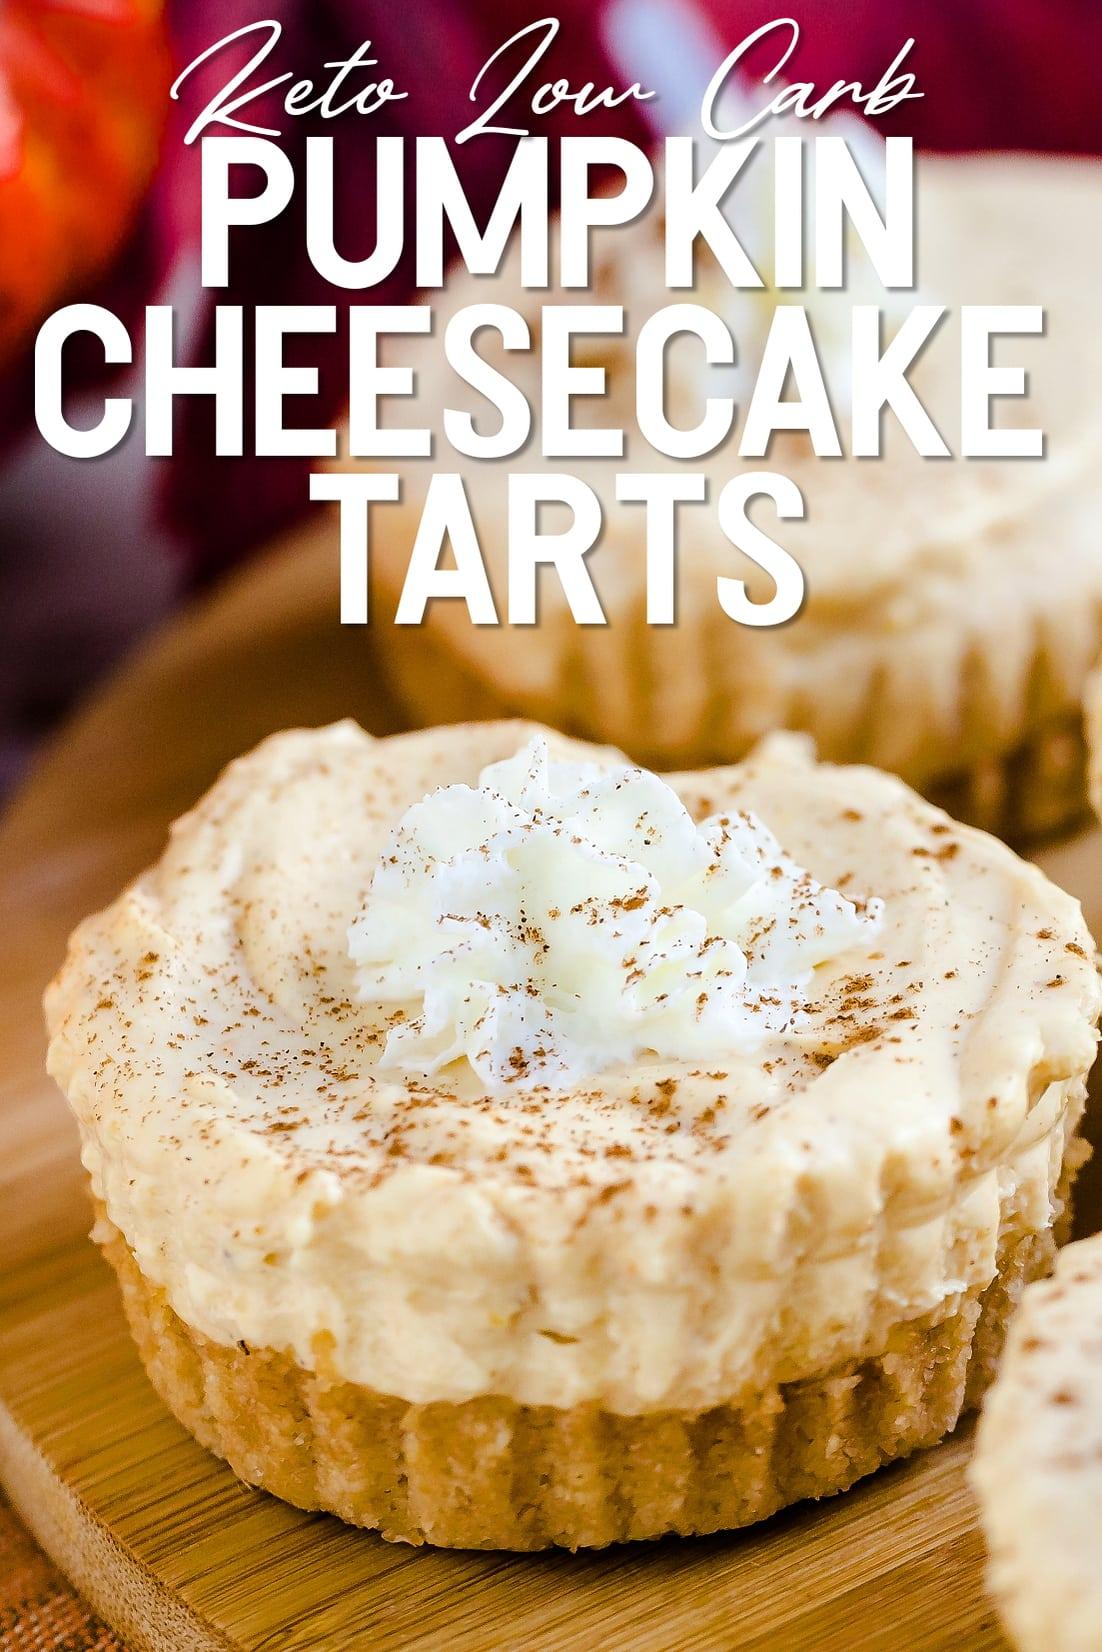 Keto Low Carb Pumpkin Cheesecake Tarts close up